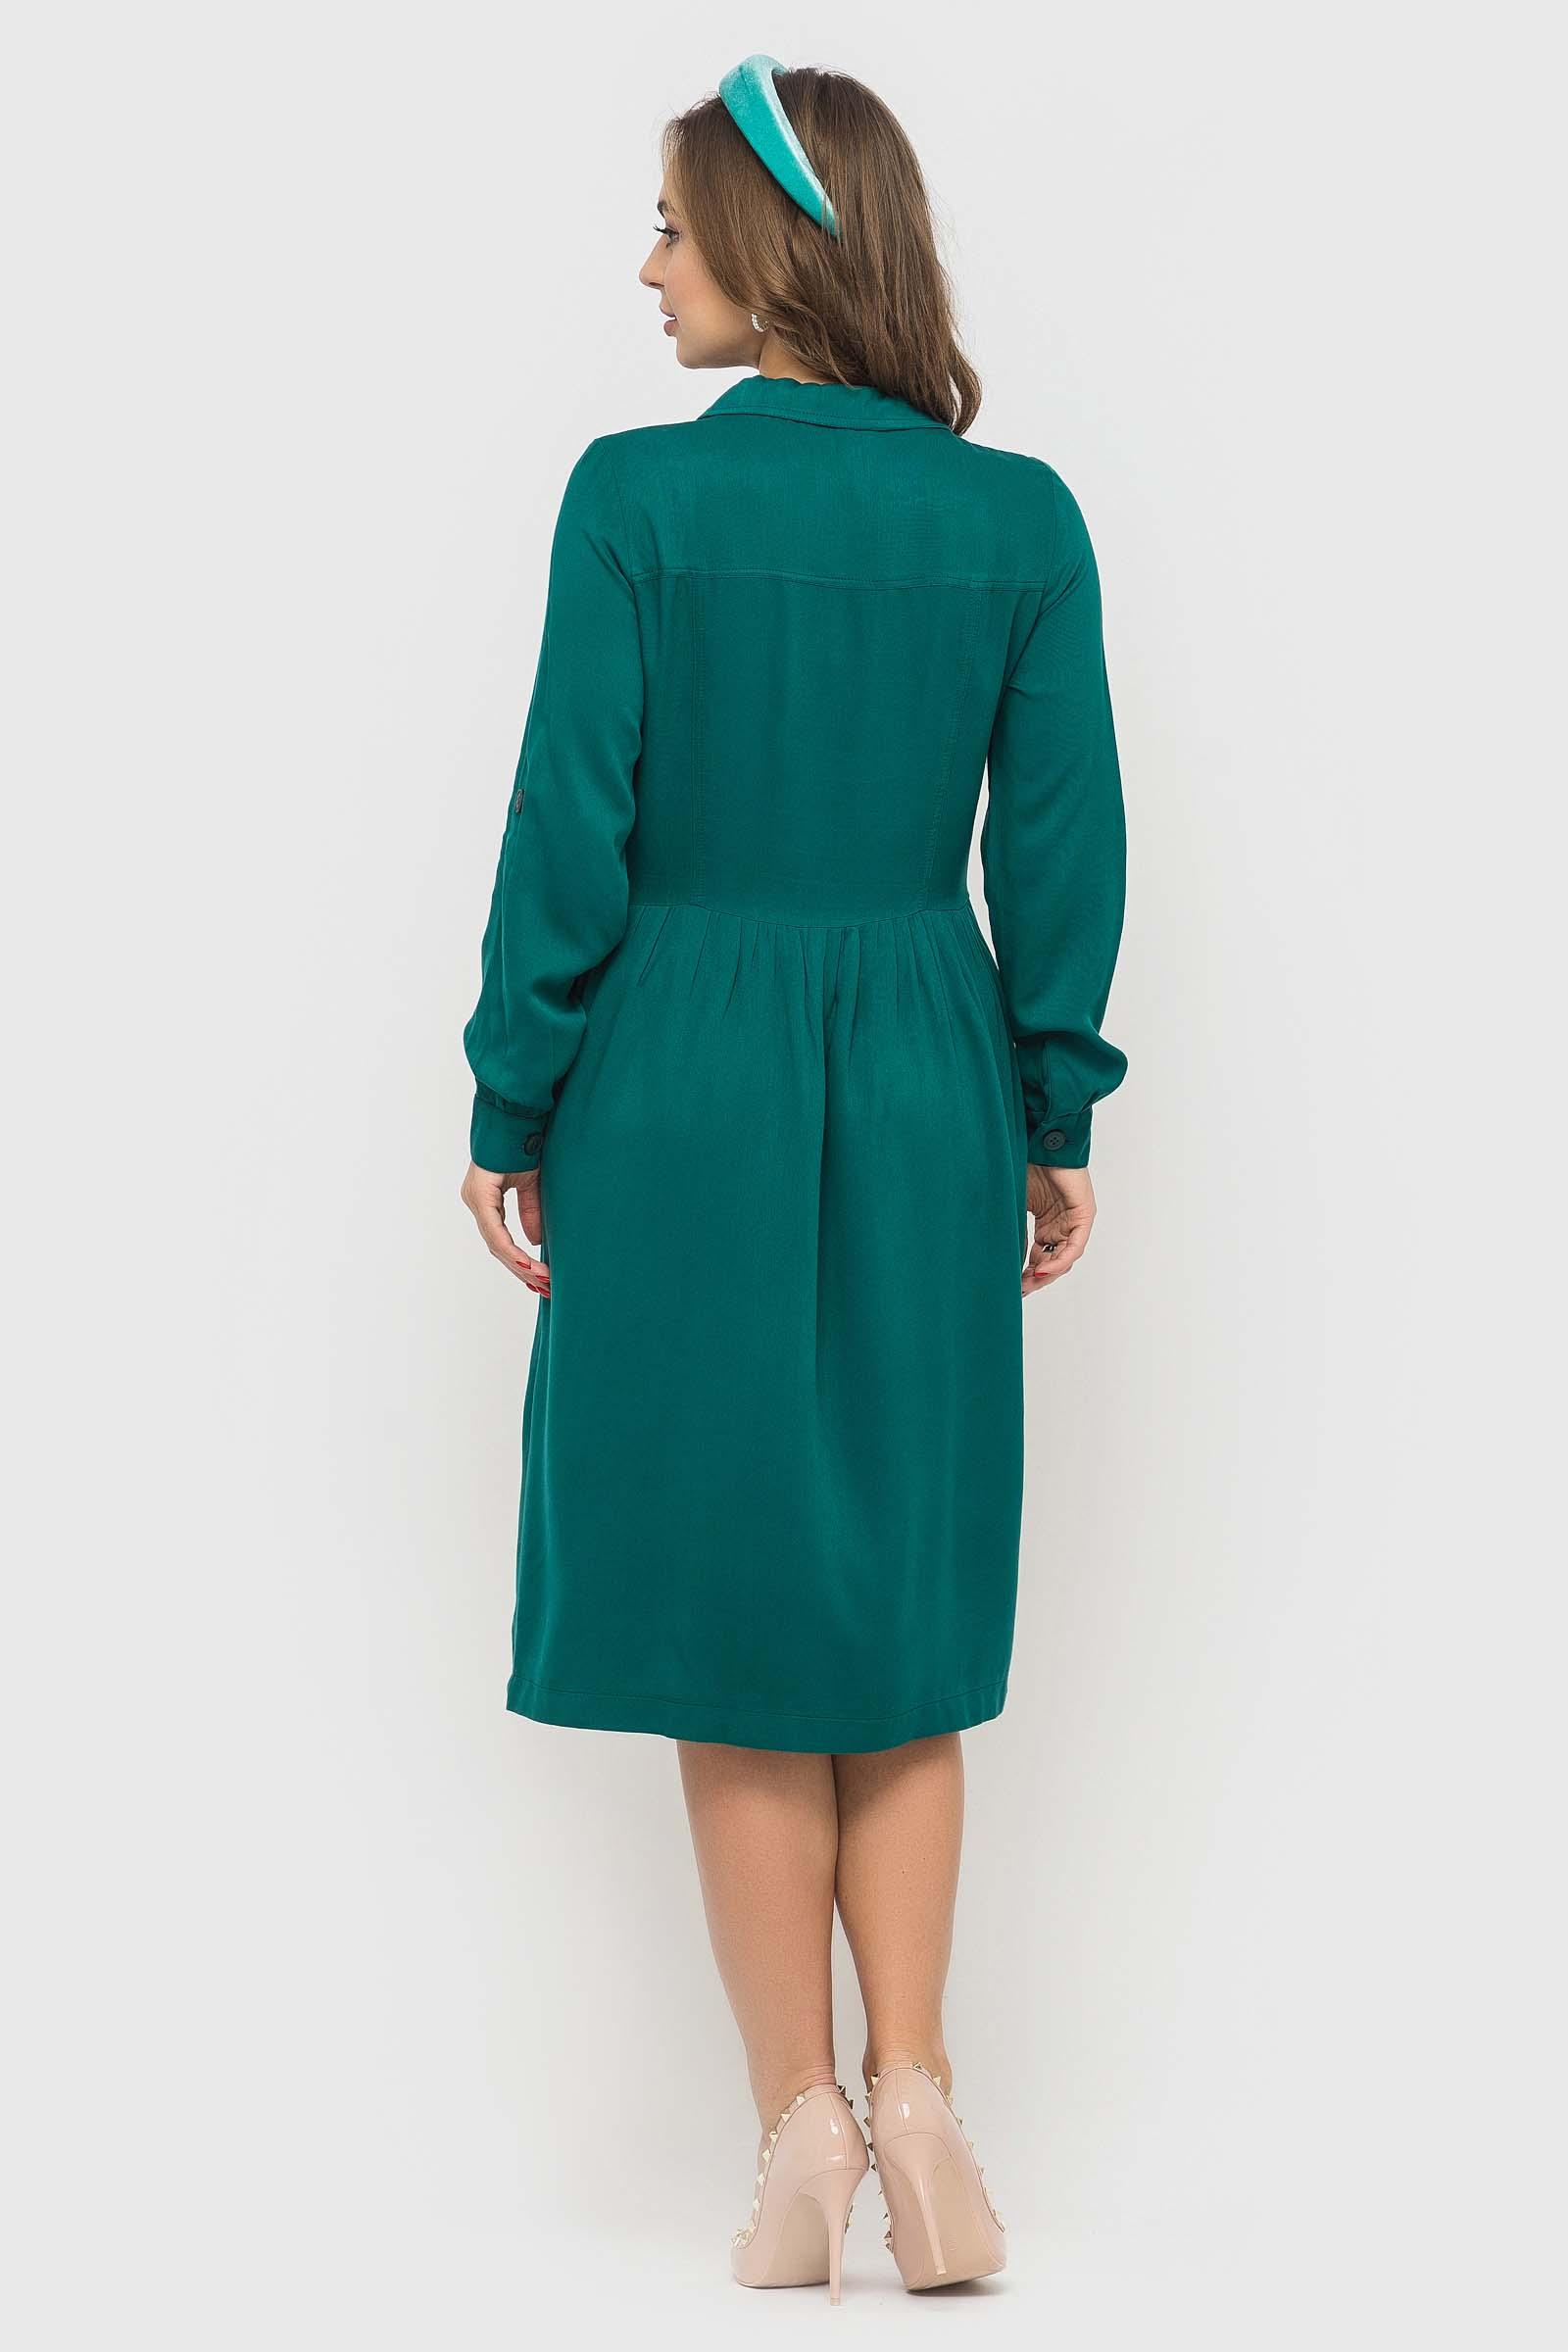 be art 2020 04 07182598 Купить платье